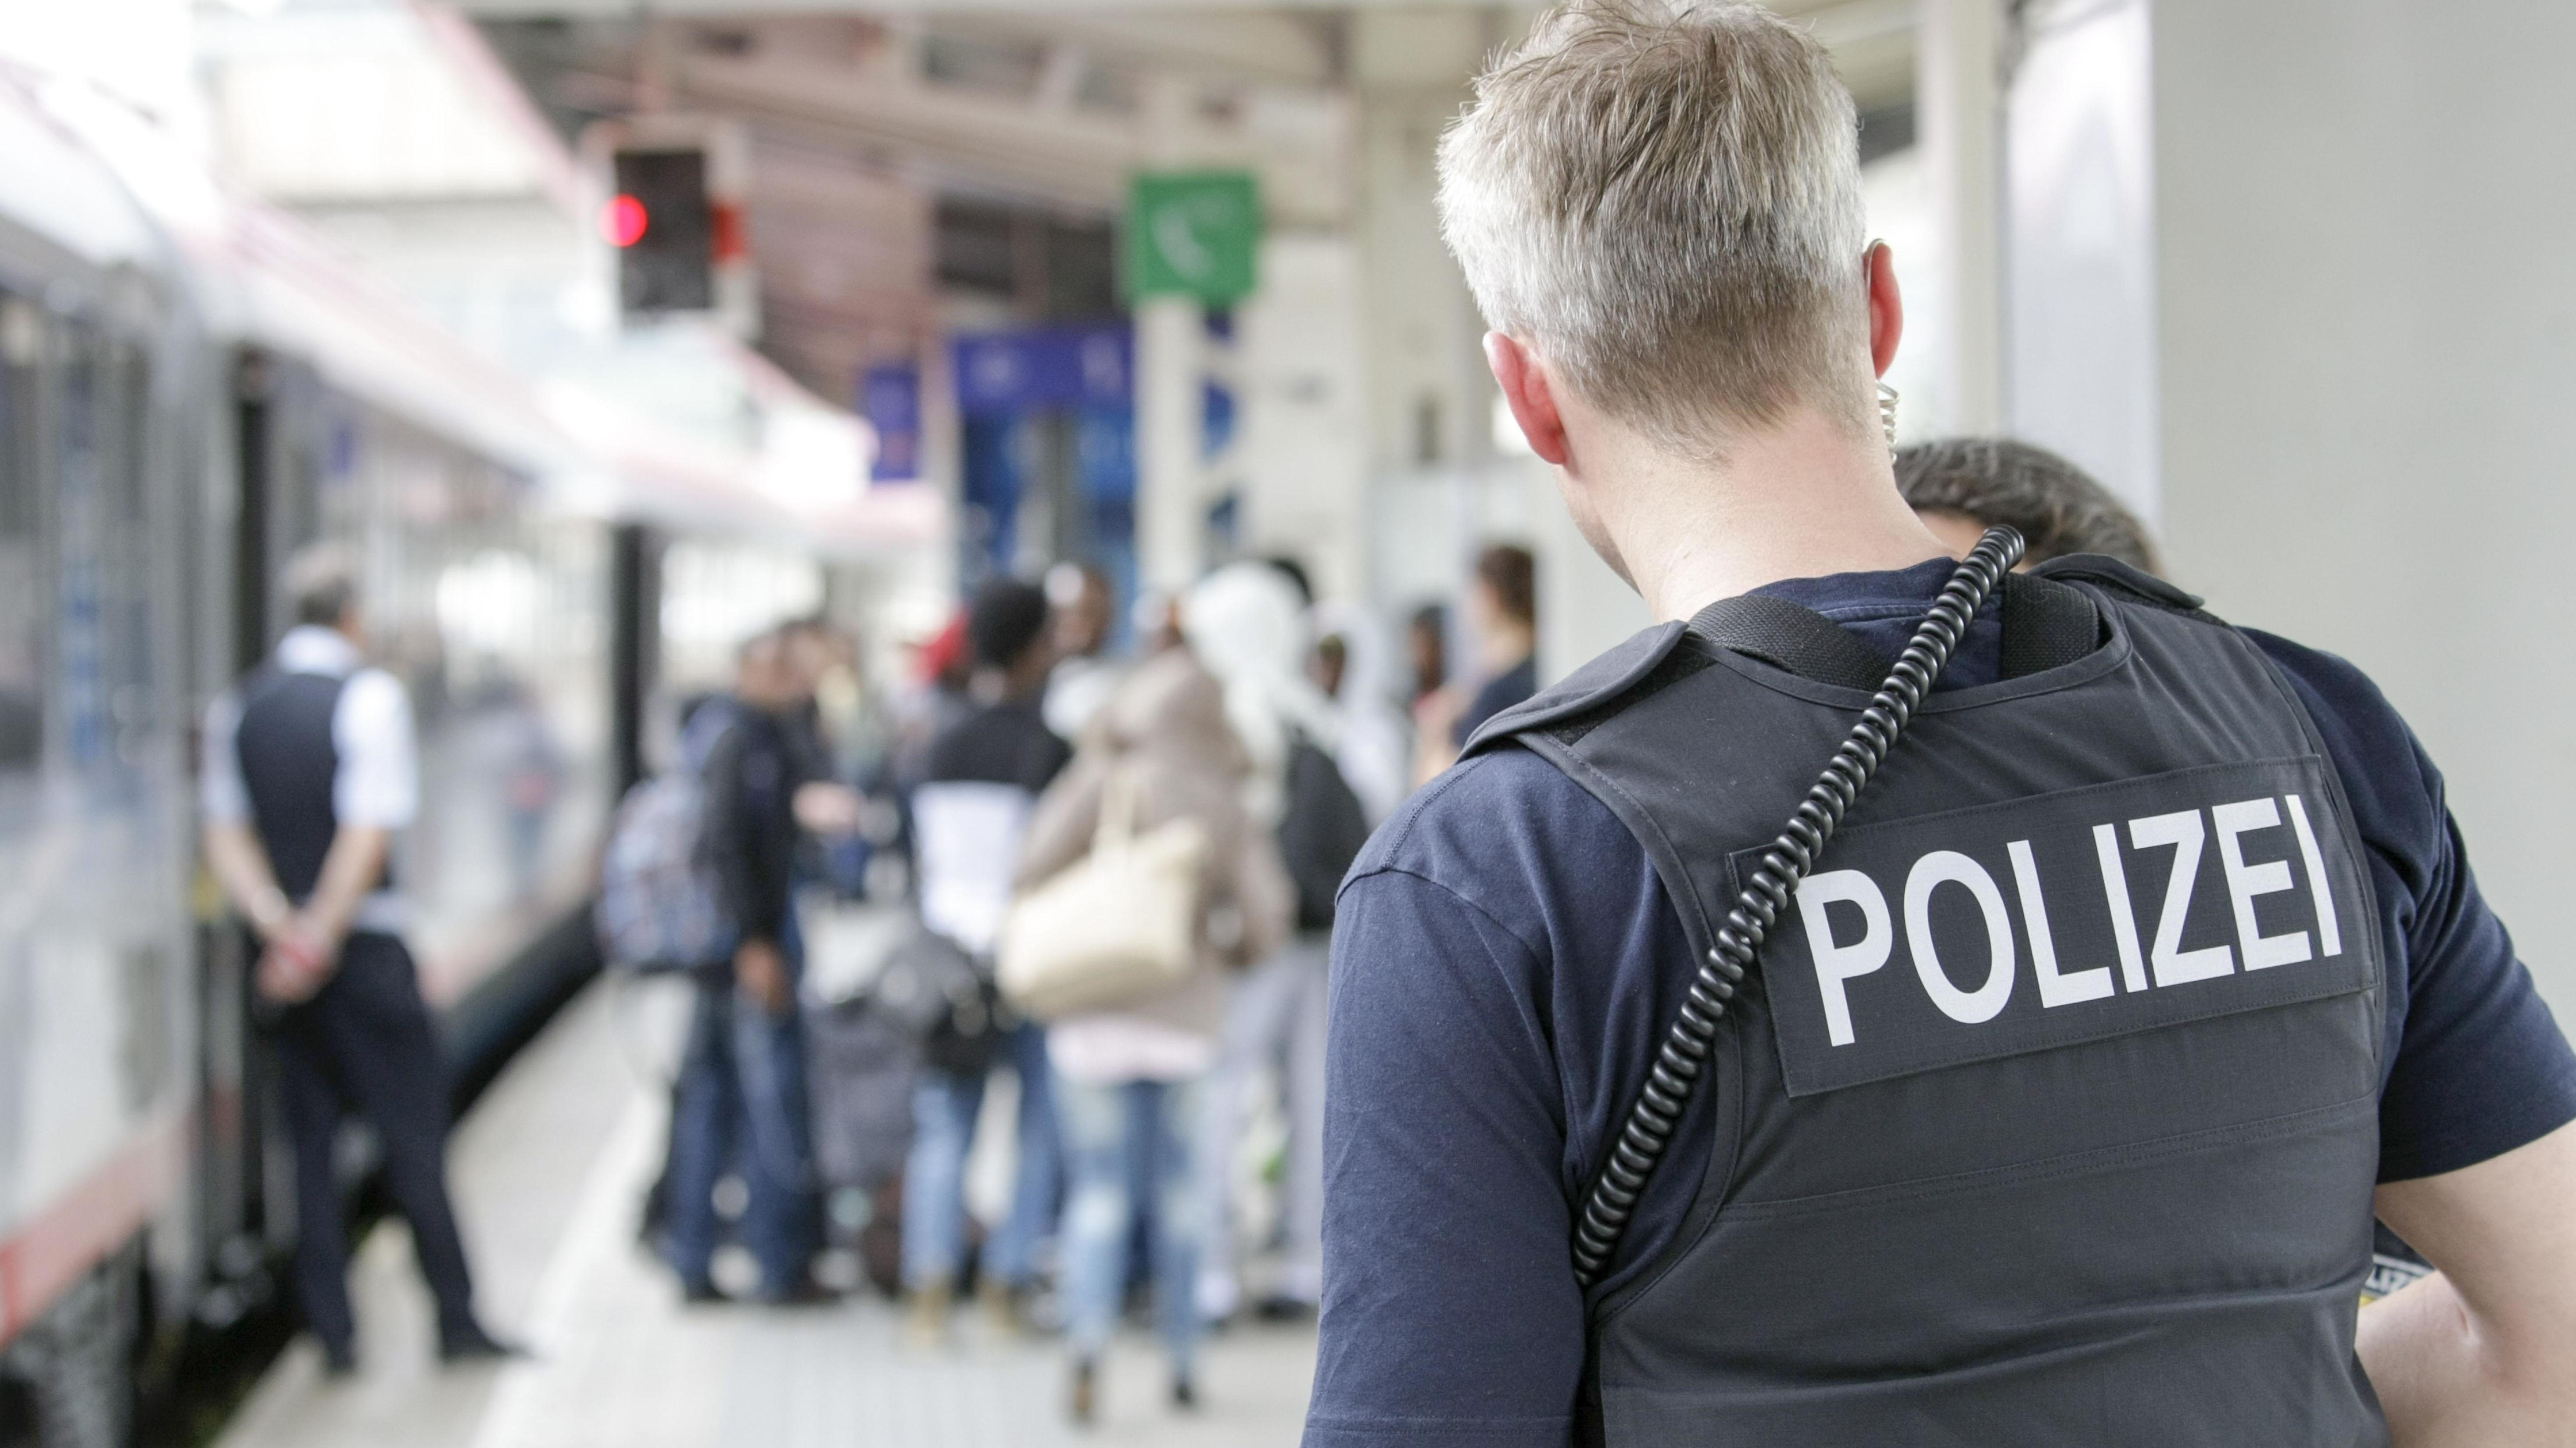 Kontrolle von Flüchtlingen am Bahnhof (Archivbild)